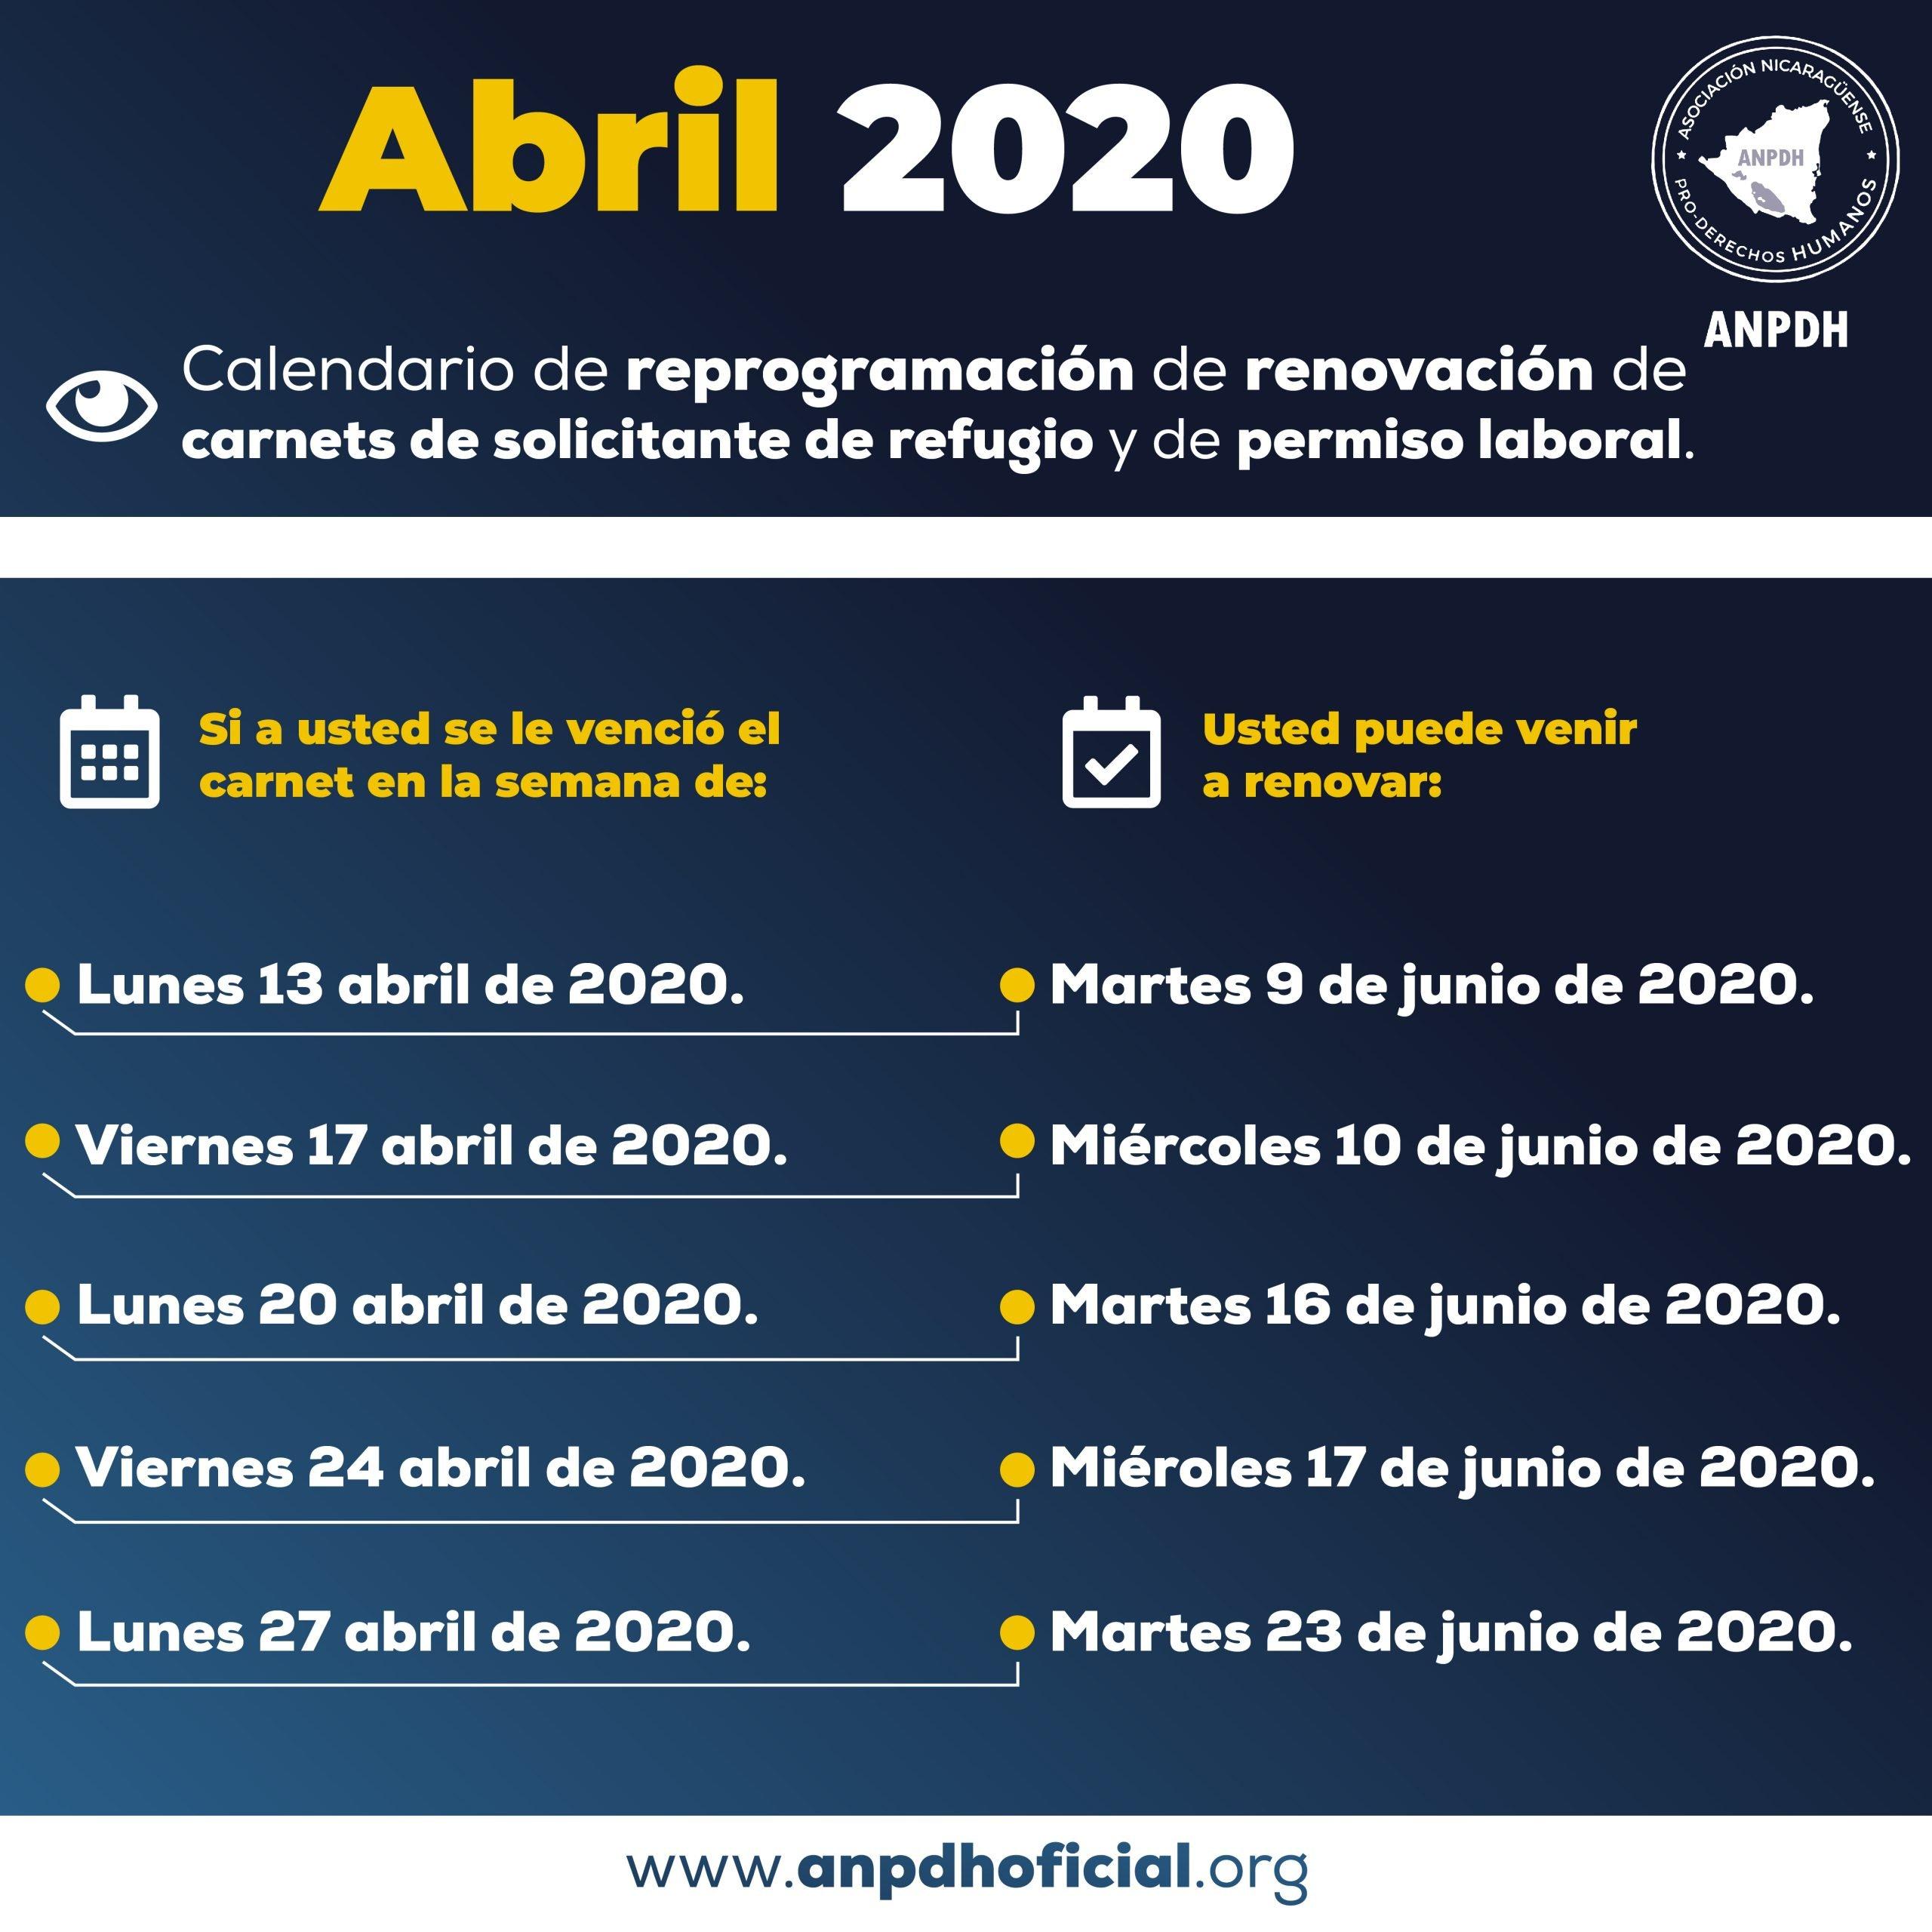 SOLICITANTE DE REFUGIO Y RENOVACION ABRIL